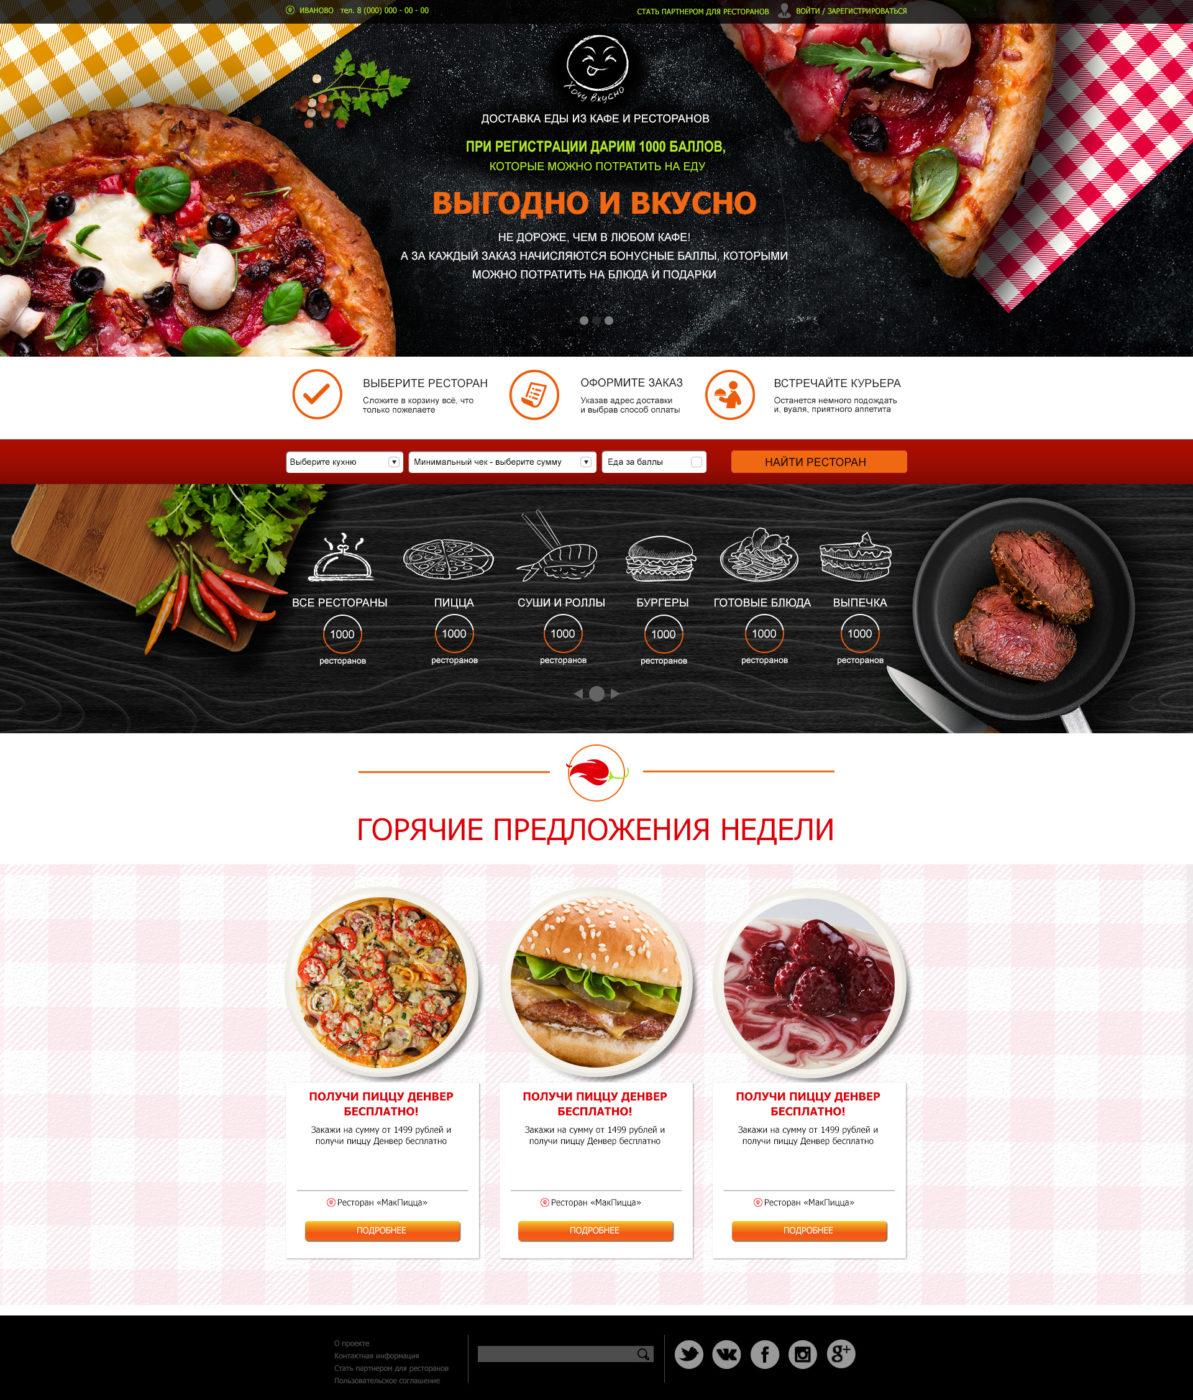 Создание сайта для ресторана московия страховая компания официальный сайт спб